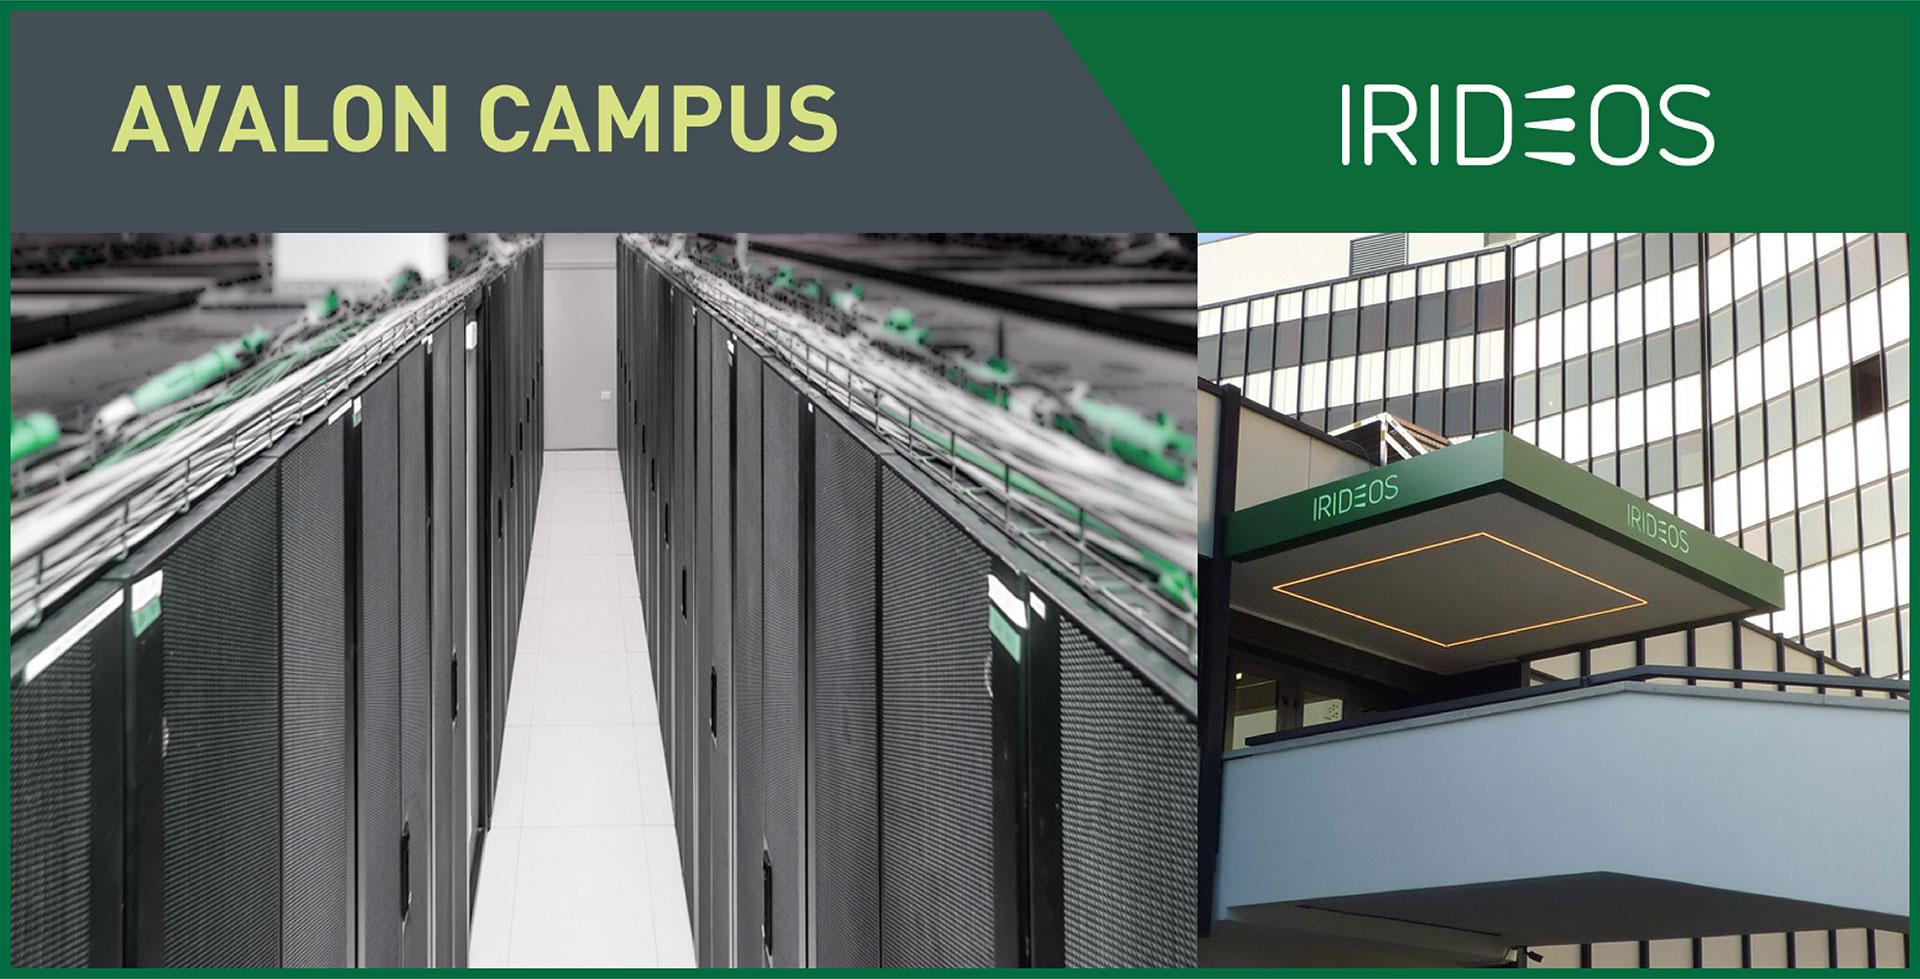 Office Automation – IRIDEOS Avalon Campus, il centro di Internet in Italia